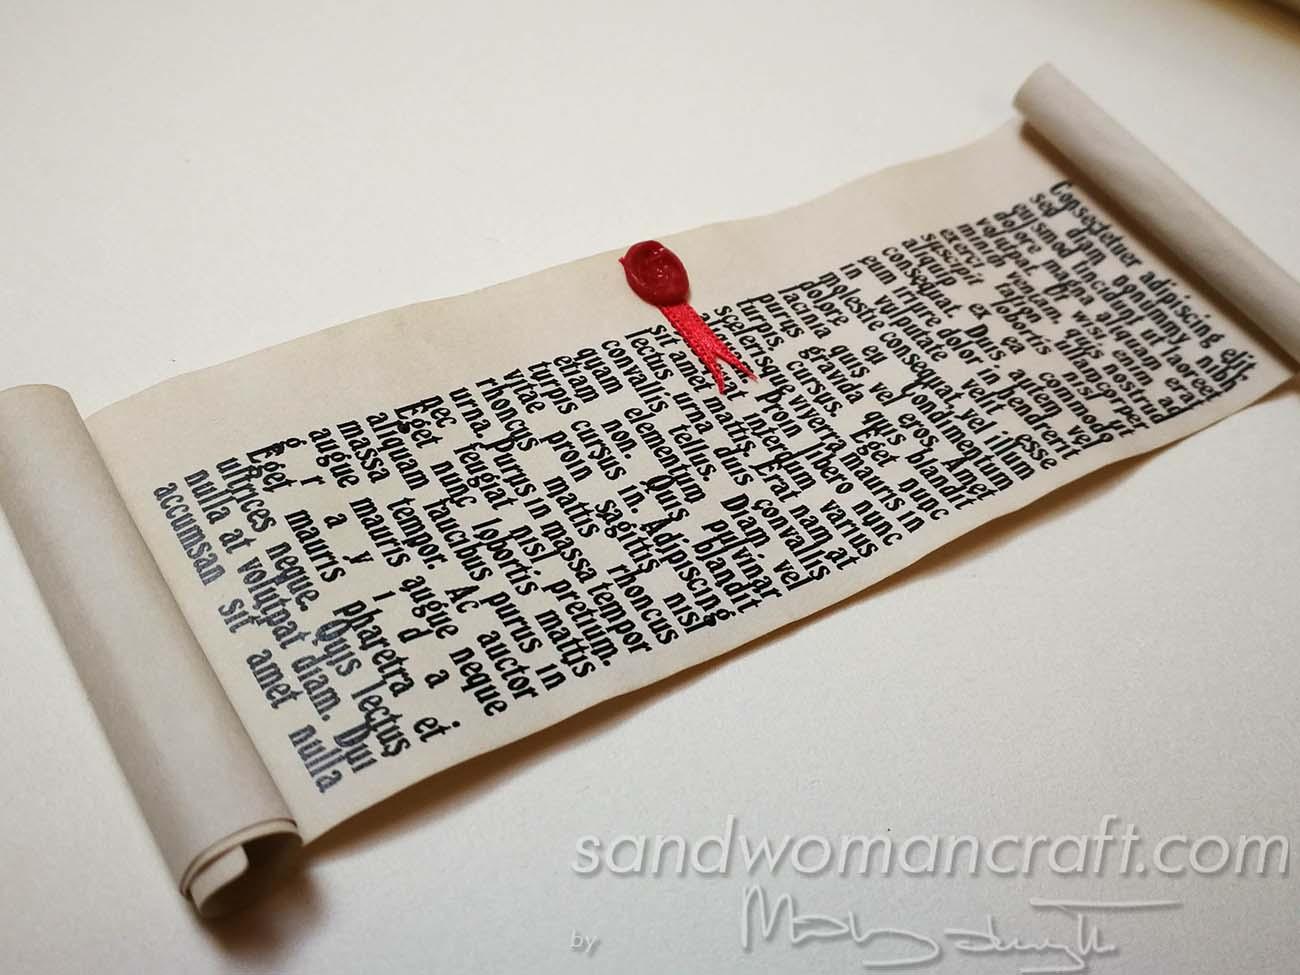 Miniature scrolls in 1:6 scale